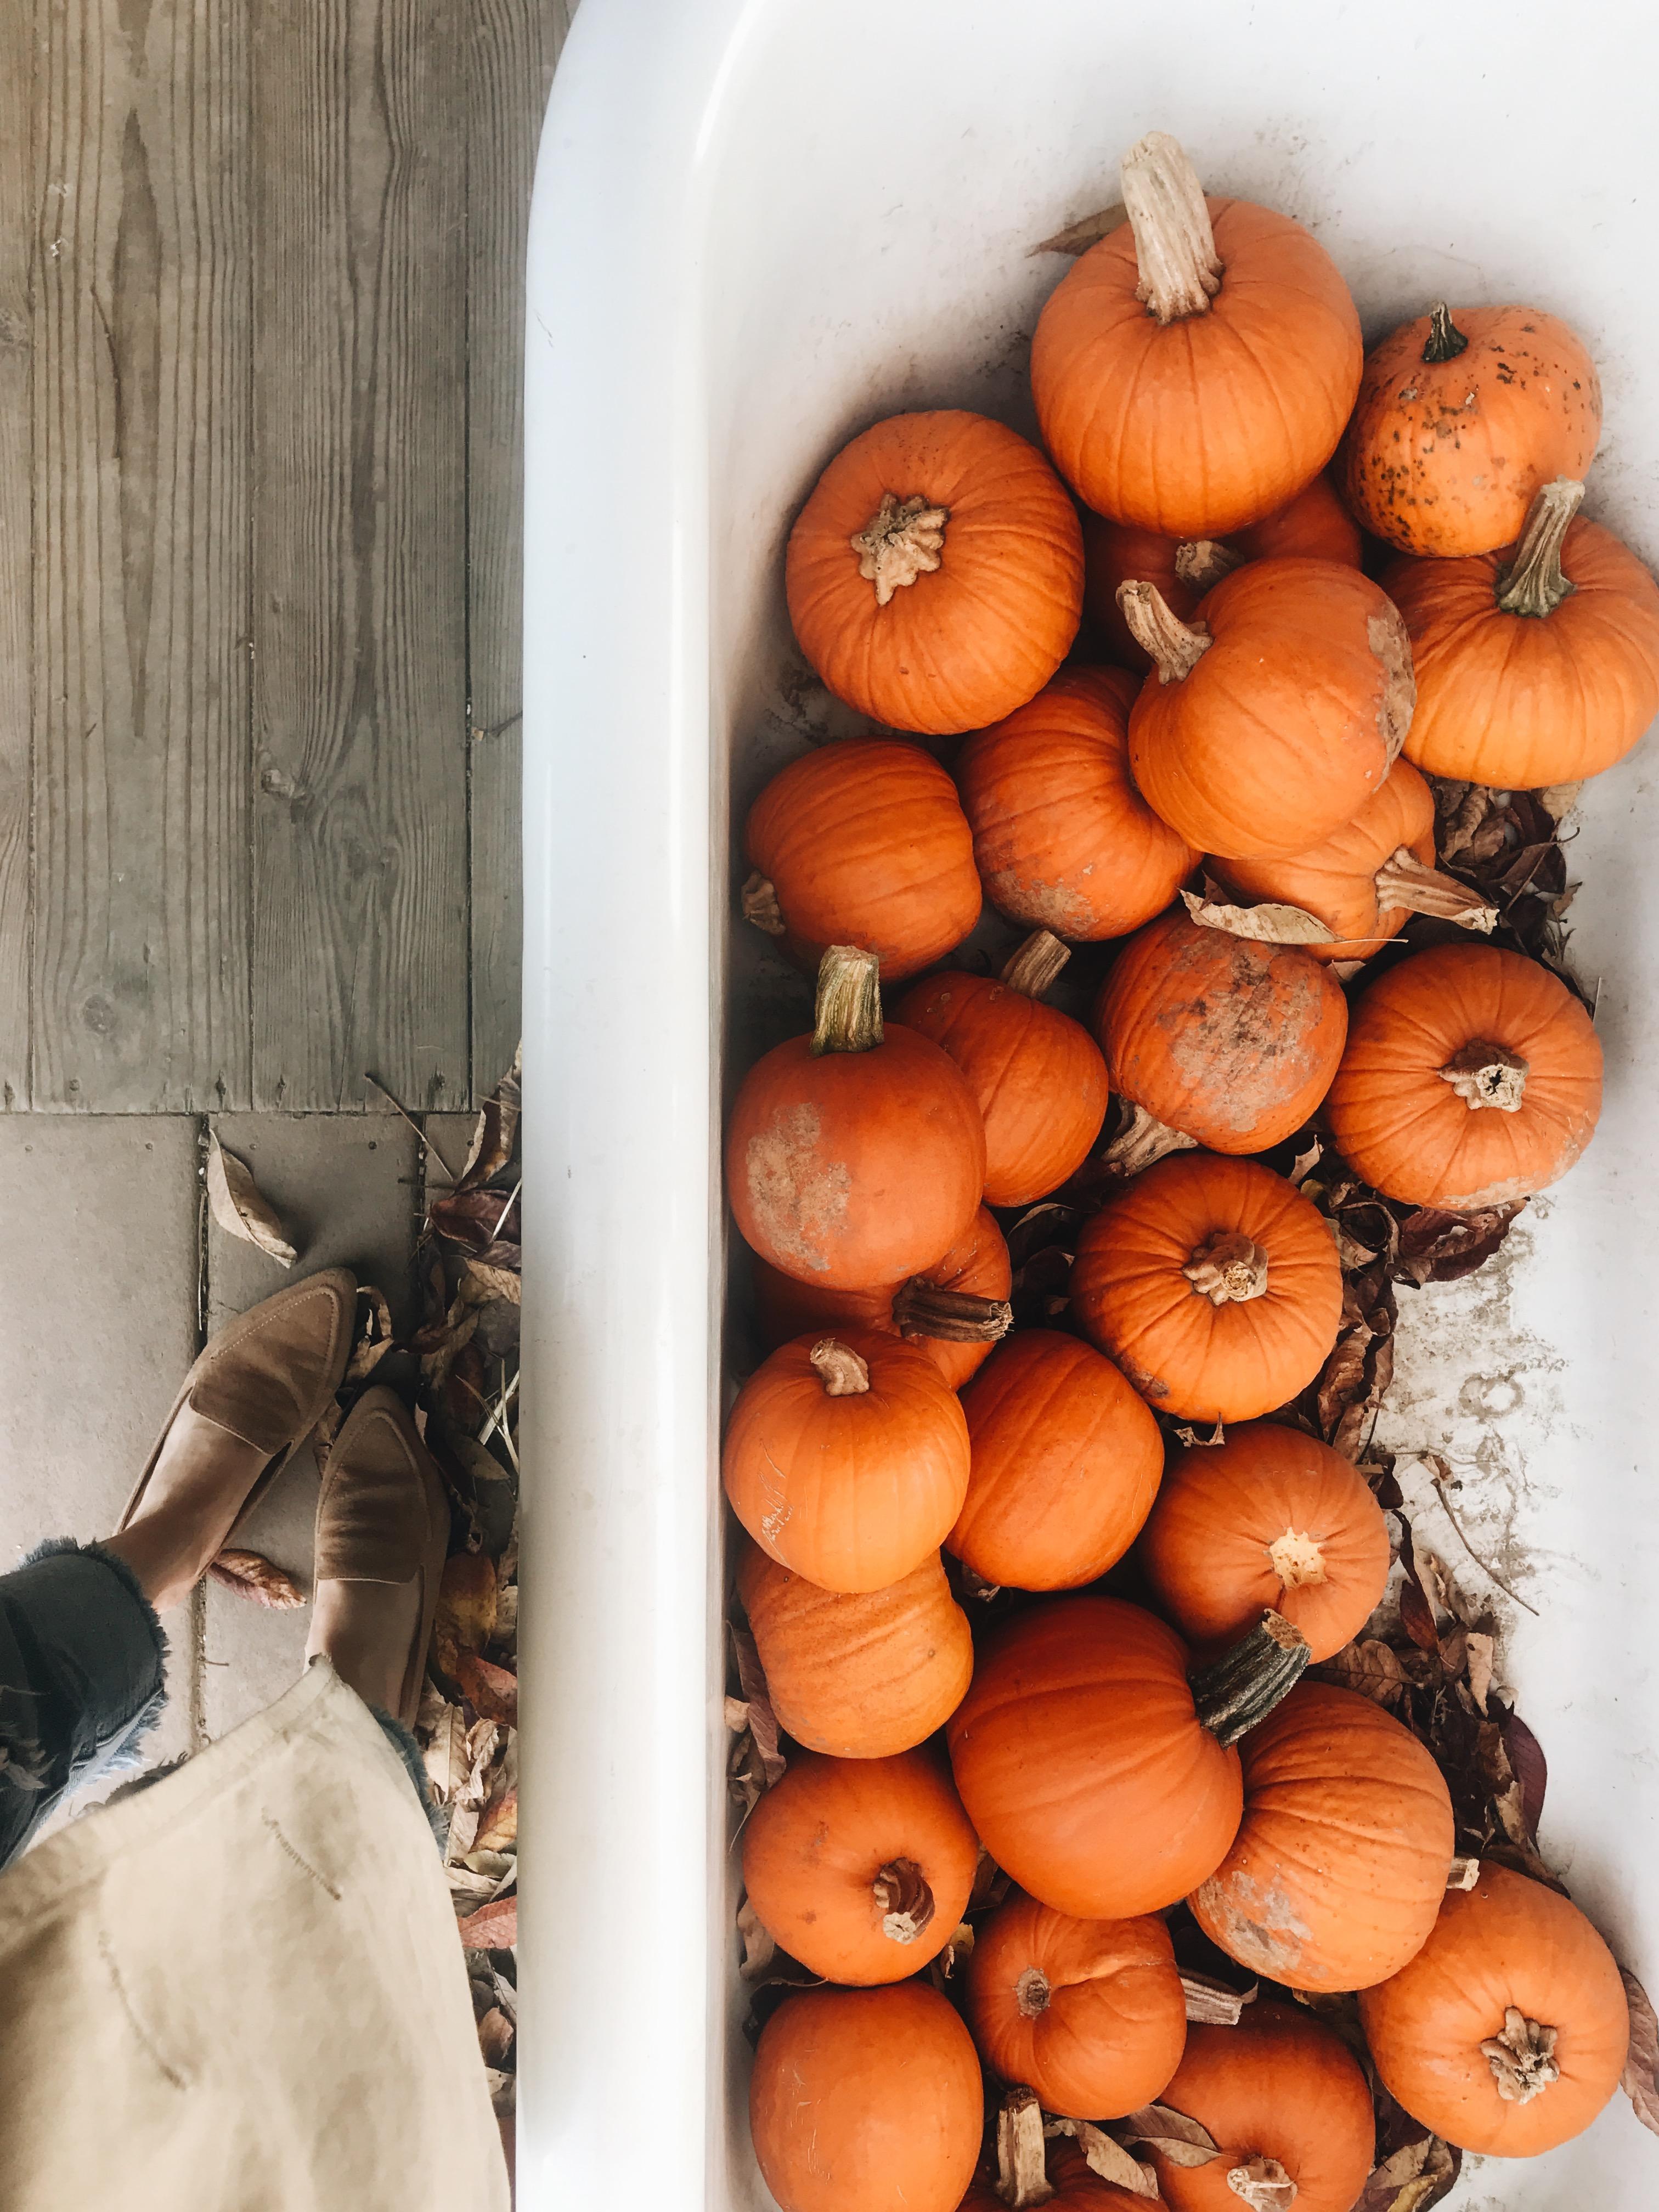 pumpkins in a tub